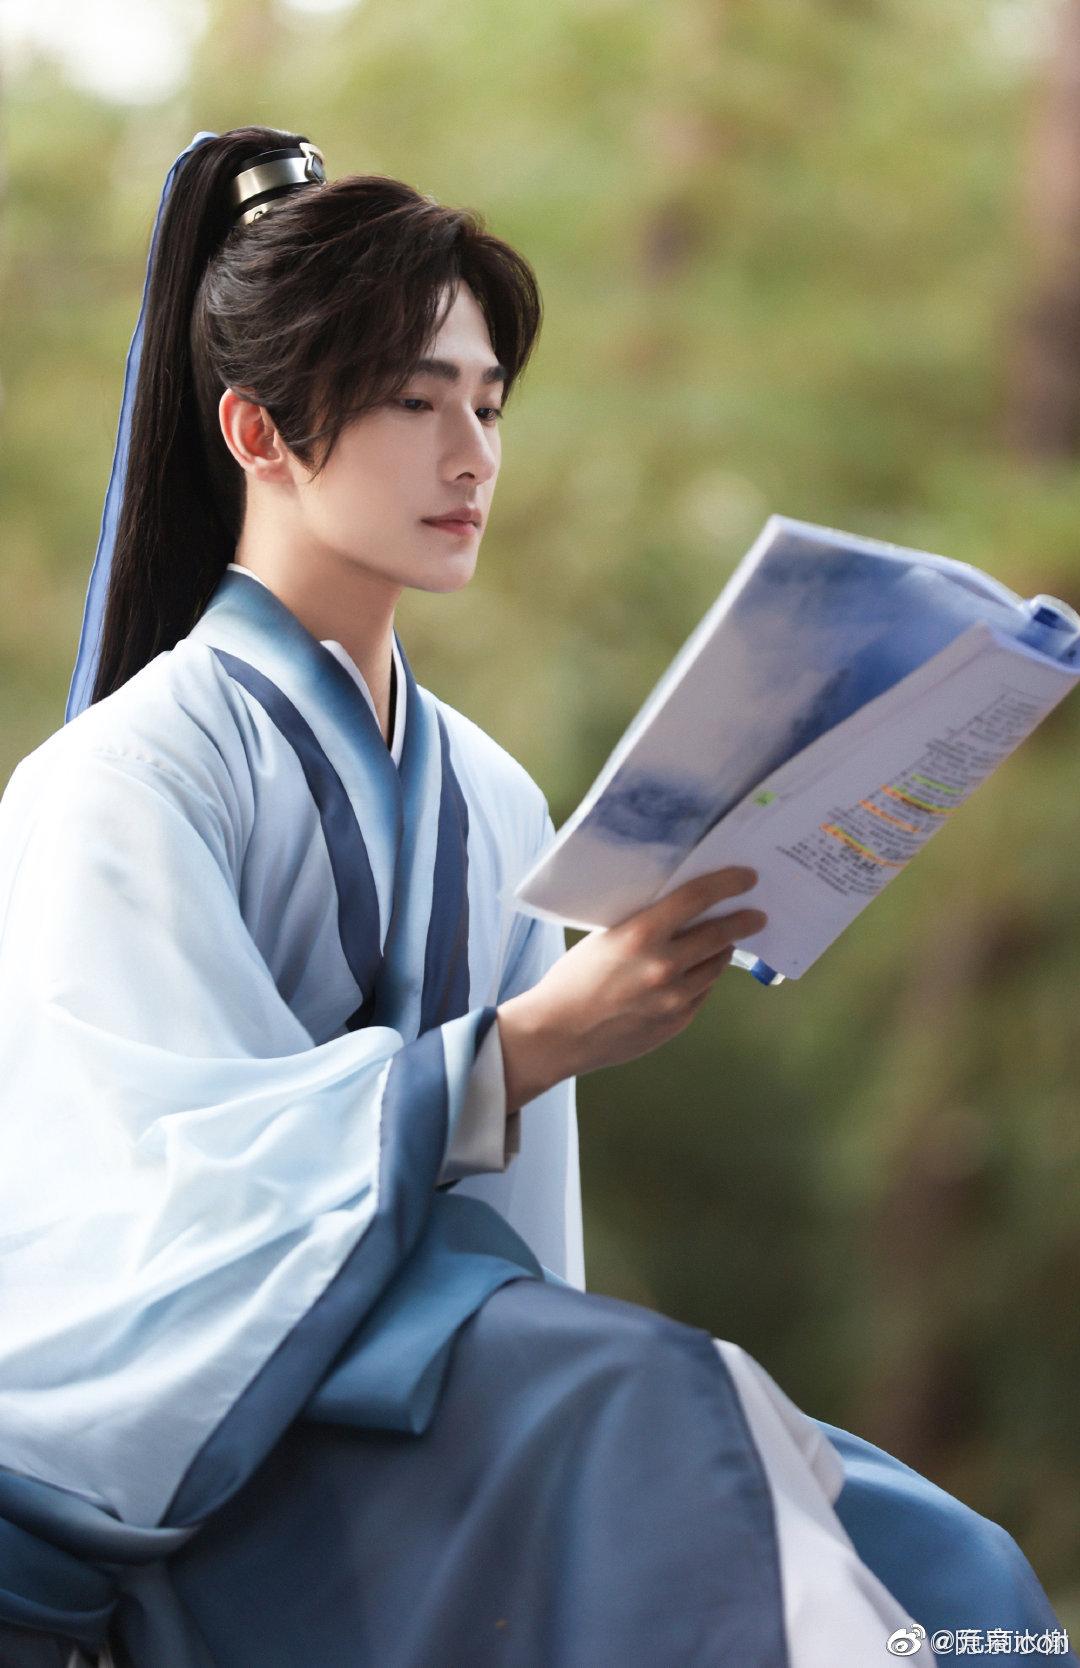 Ảnh hậu trường của Dương Dương cũng đẹp không góc chết. Nam diễn viên ngồi đọc kịch bản mà như thể nam chính Hắc Phong Tức đang đọc binh thư.